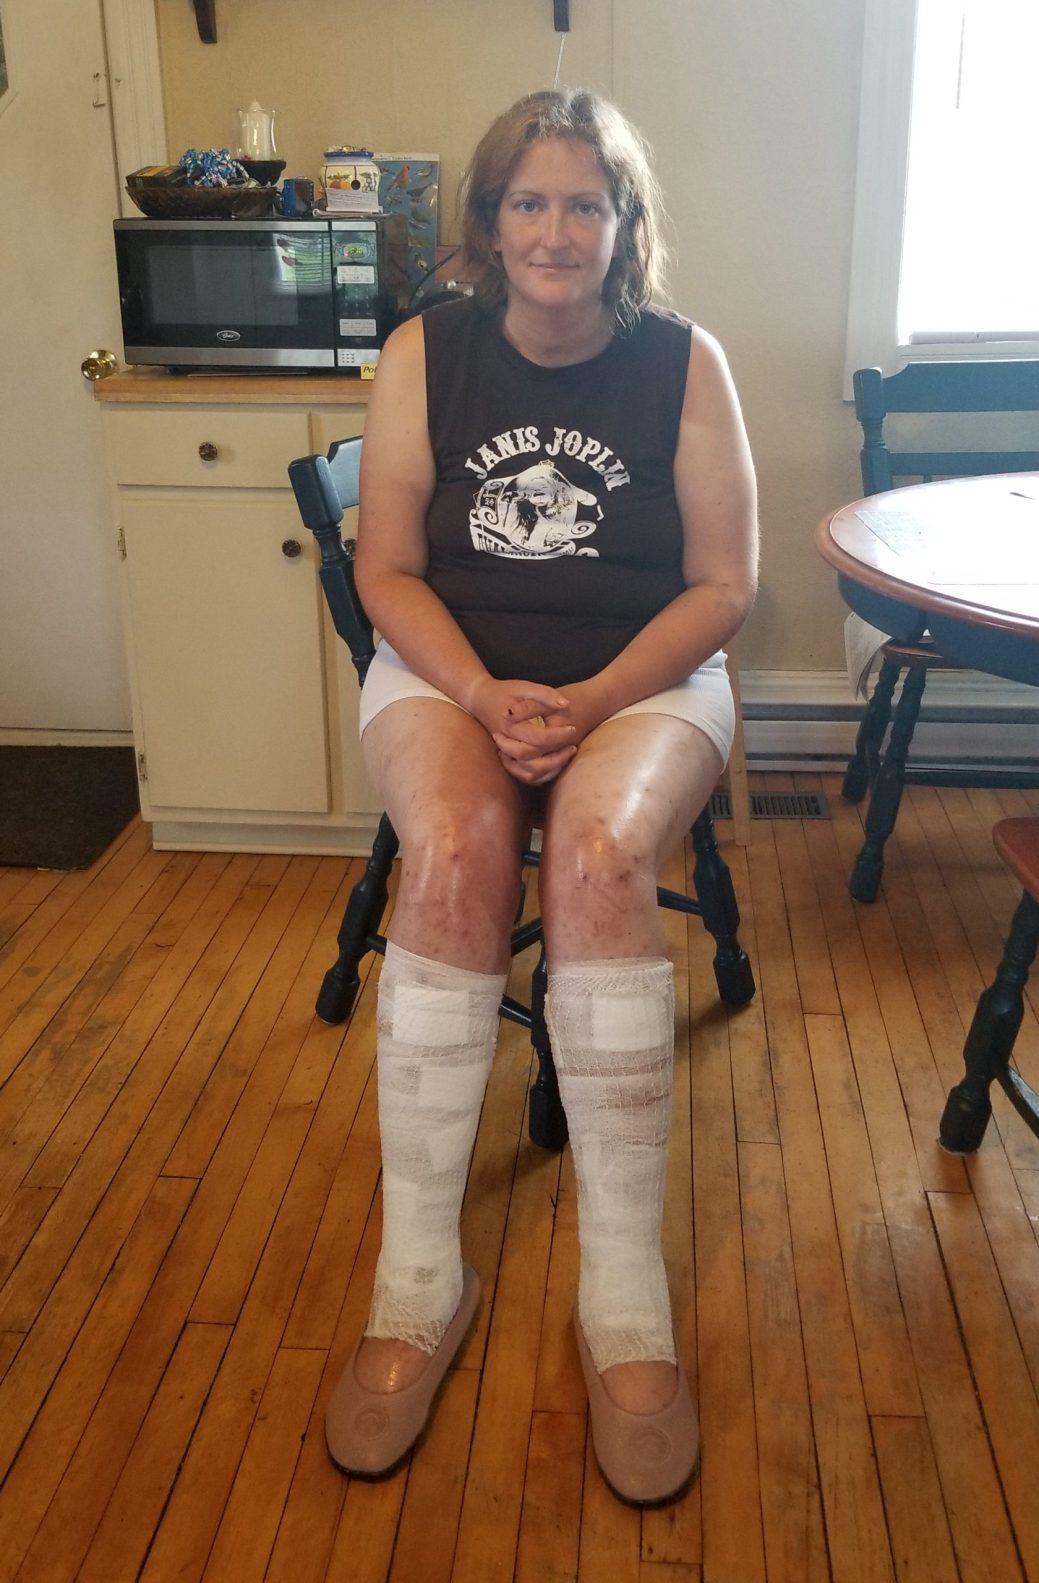 Jenny McLaughlin est ressortie de son aventure avec une bonne frousse et de nombreuses ecchymoses. - La Presse canadienne